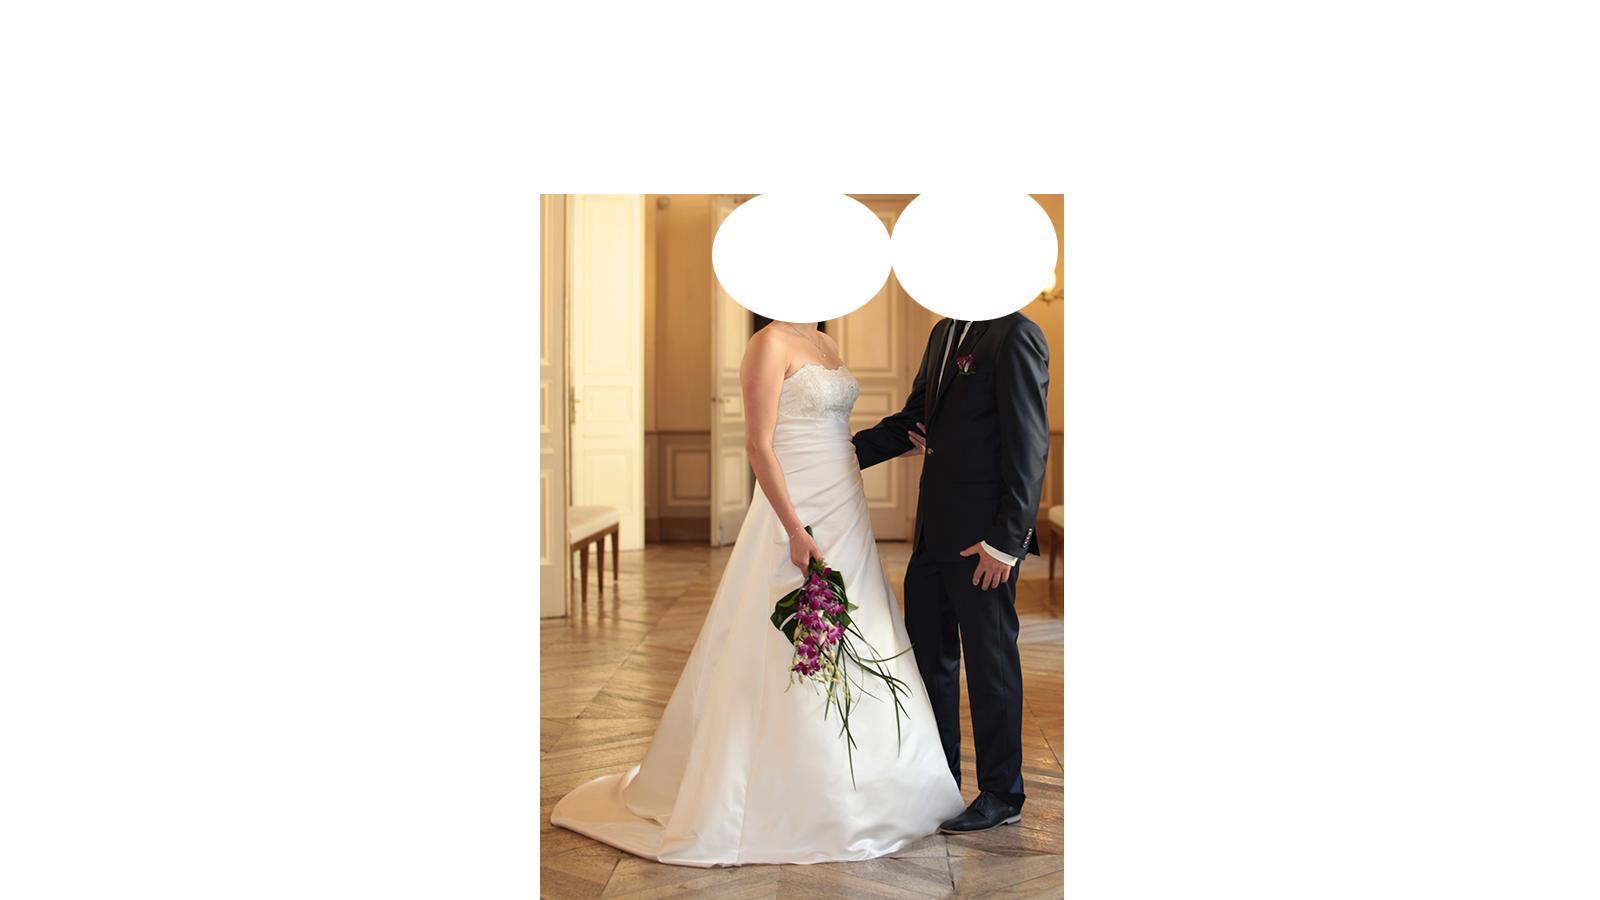 troc de troc robe mariage taille 42 ivoire image 1